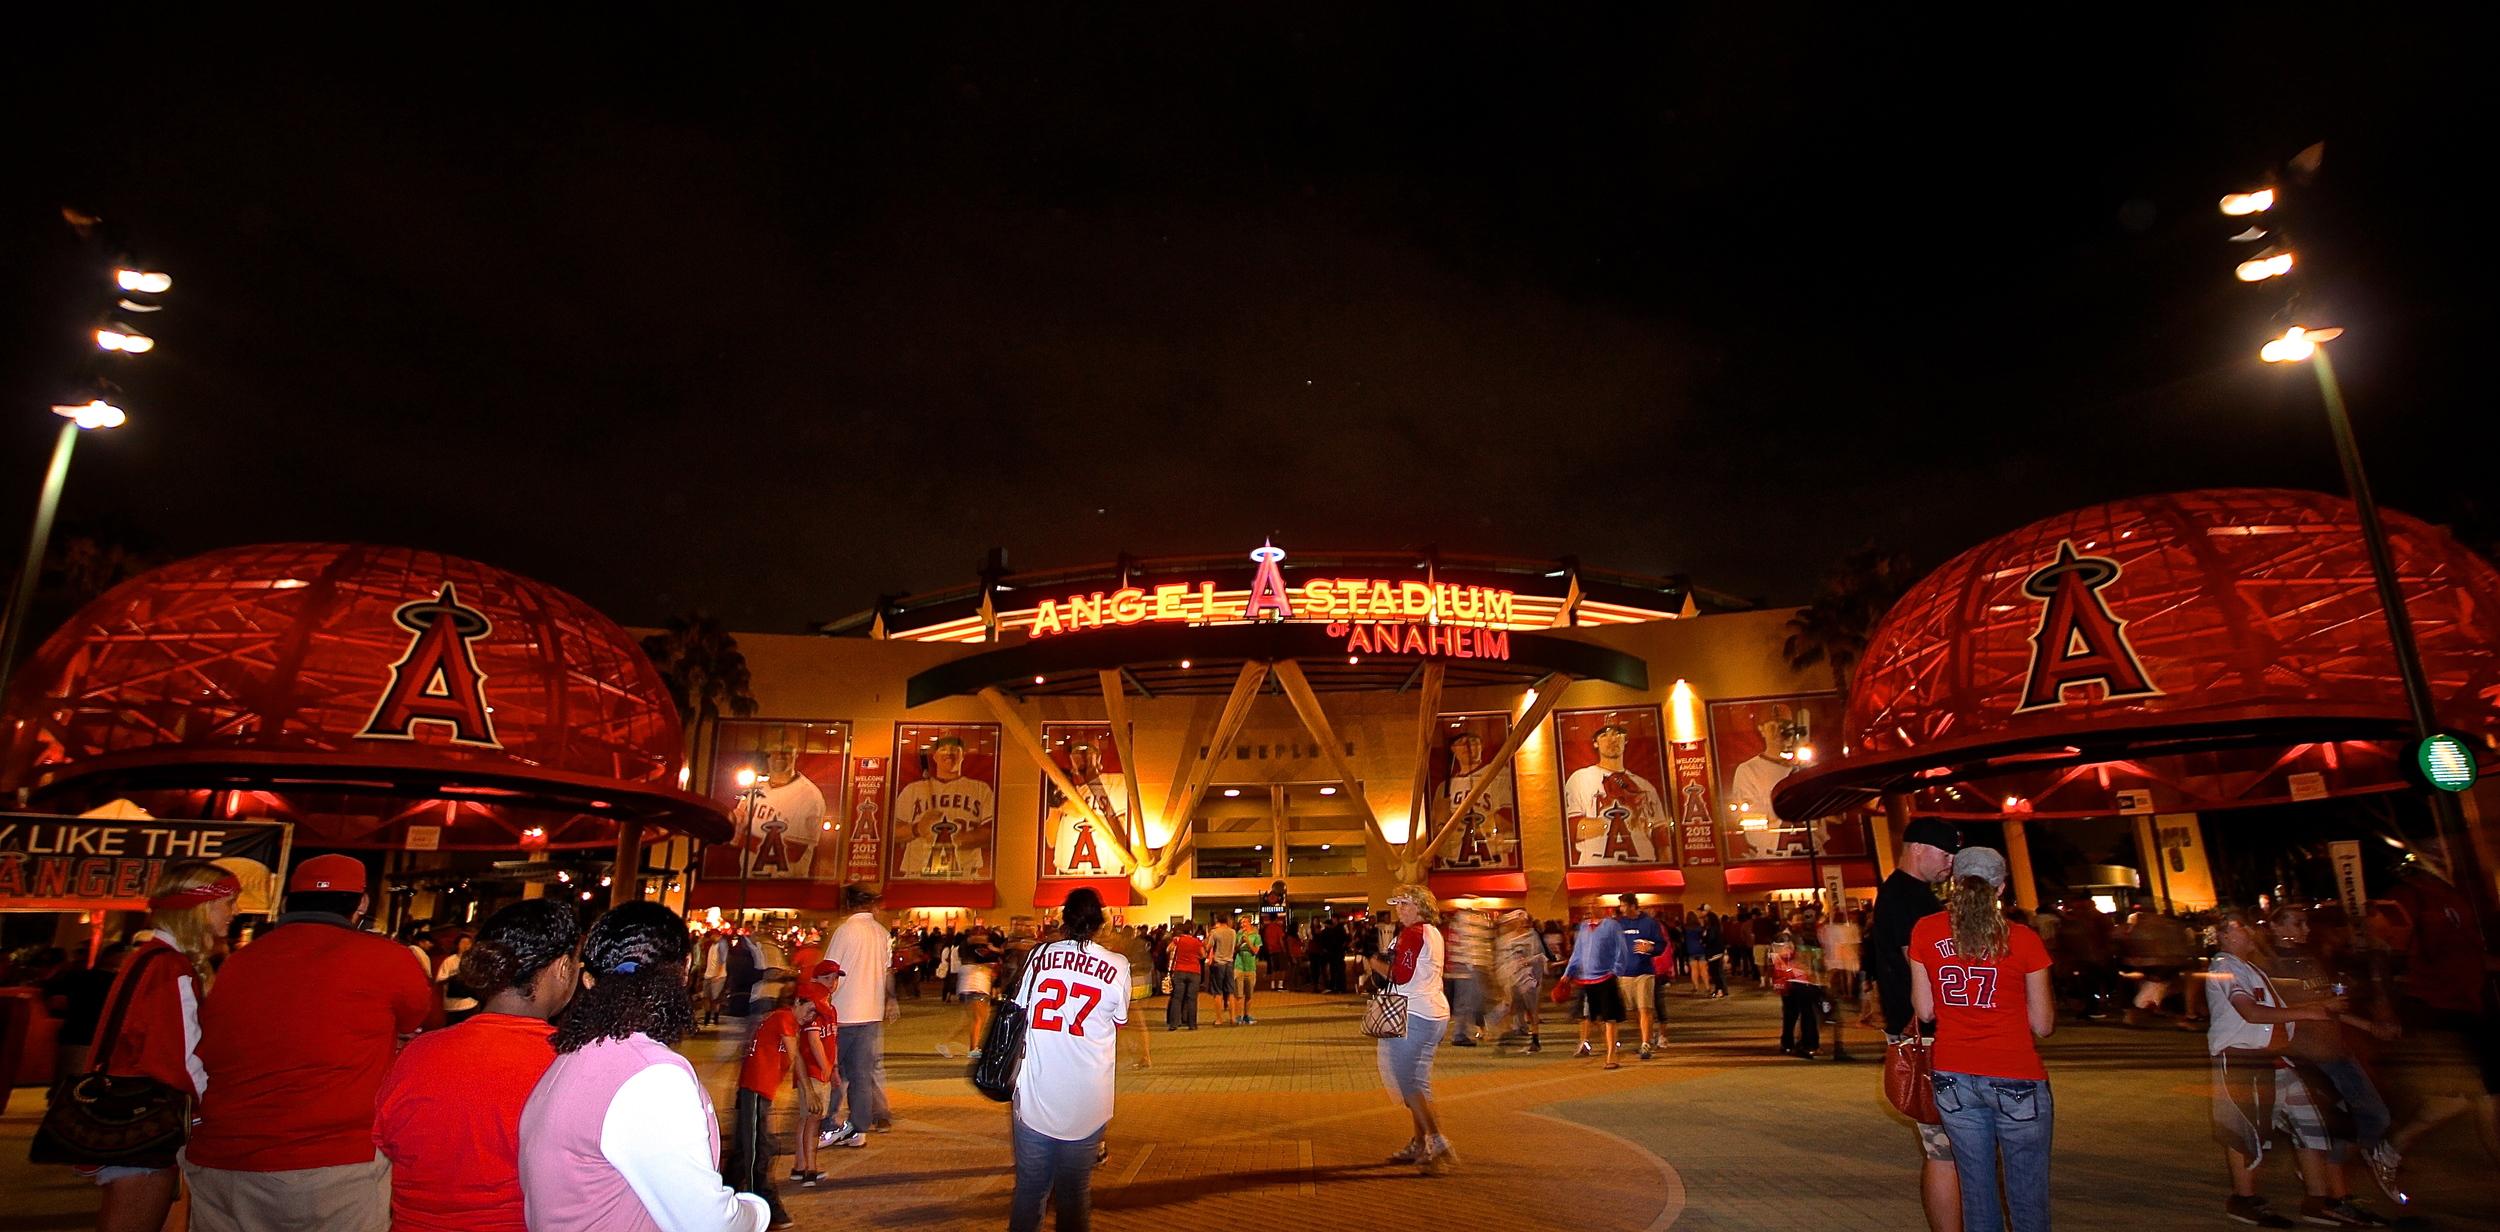 Good night Angels Stadium